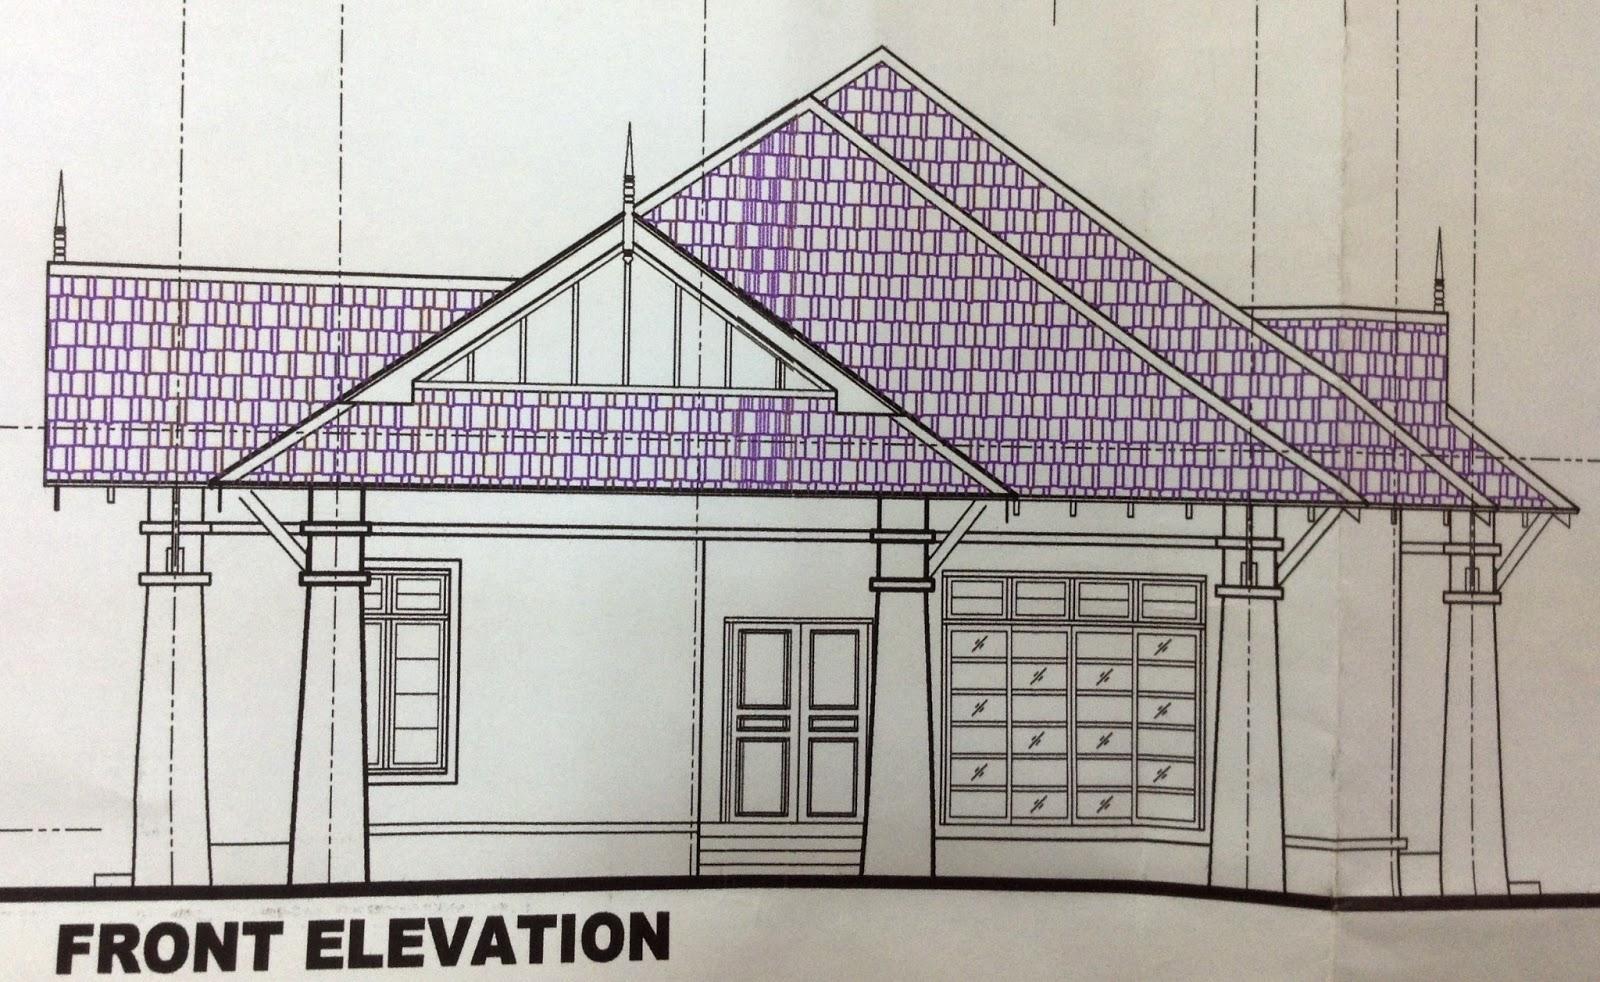 Pin pelukis pelan arkitek on pinterest for Arkitek design house